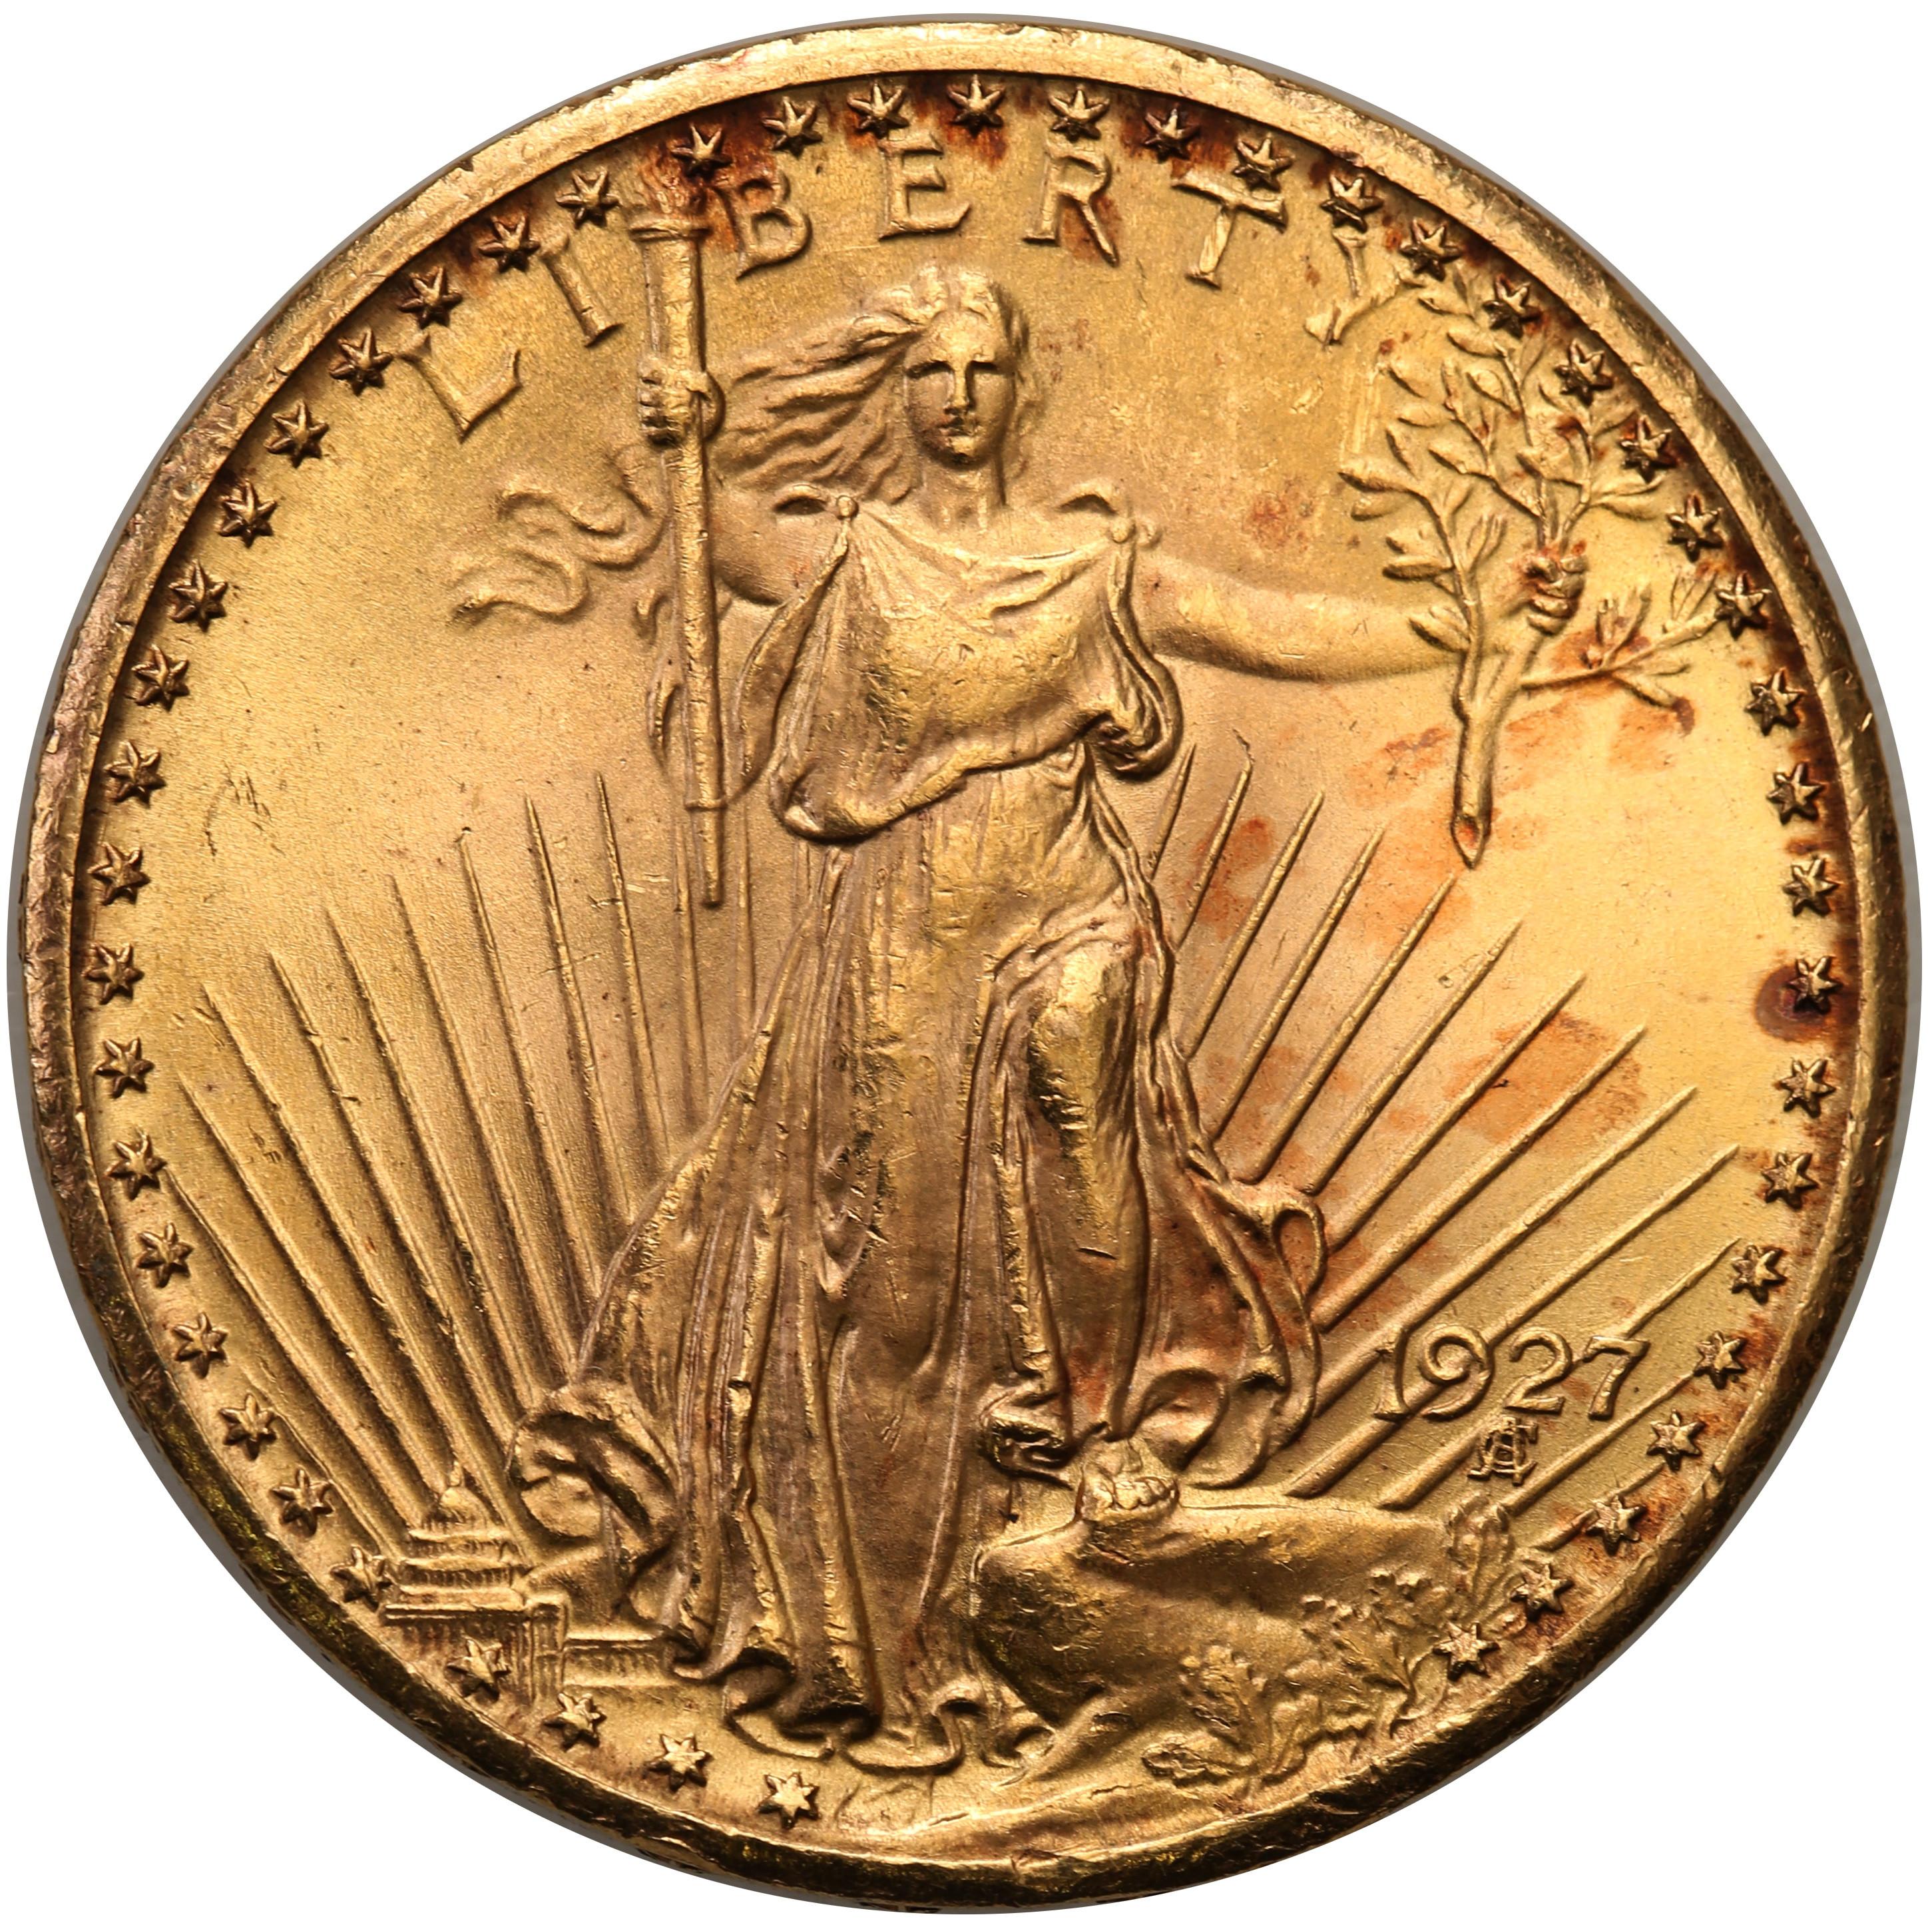 USA. 20 $ dolarów 1927 Philadelphia – PIĘKNE st.1